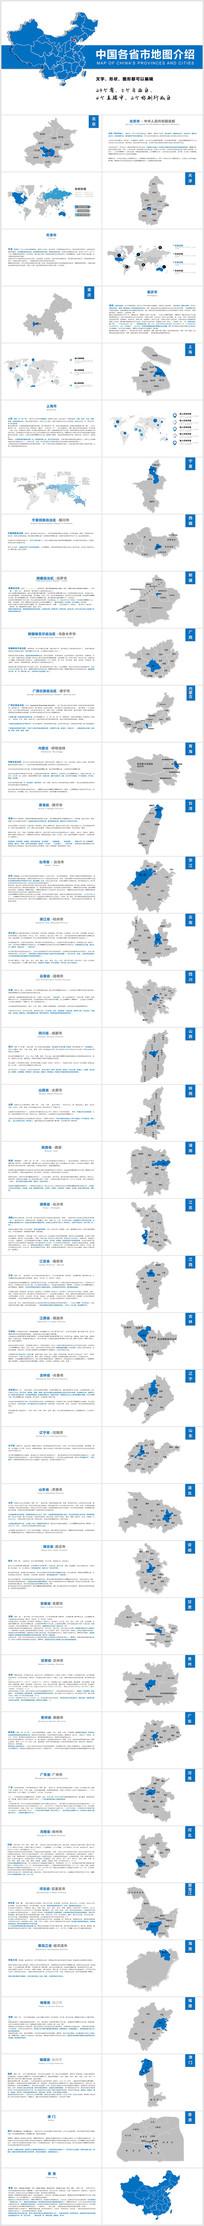 中国地图PPT模板